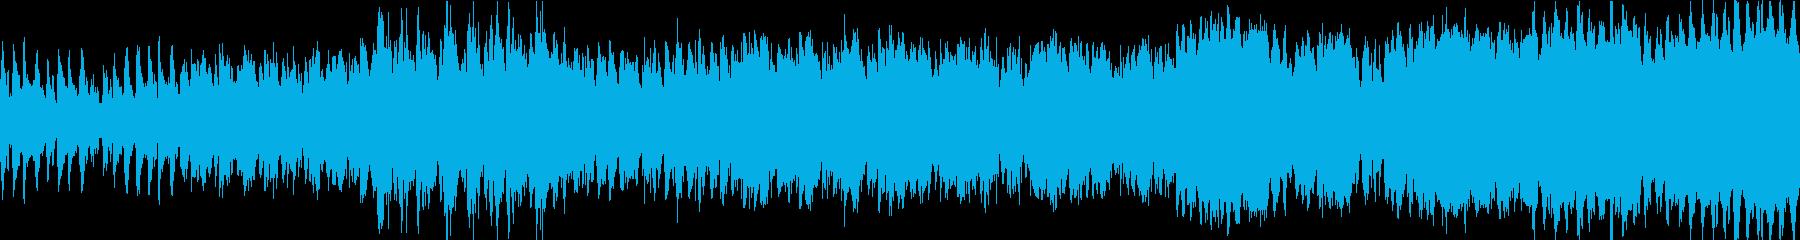 行進曲 勇ましい FF風 ループ2の再生済みの波形